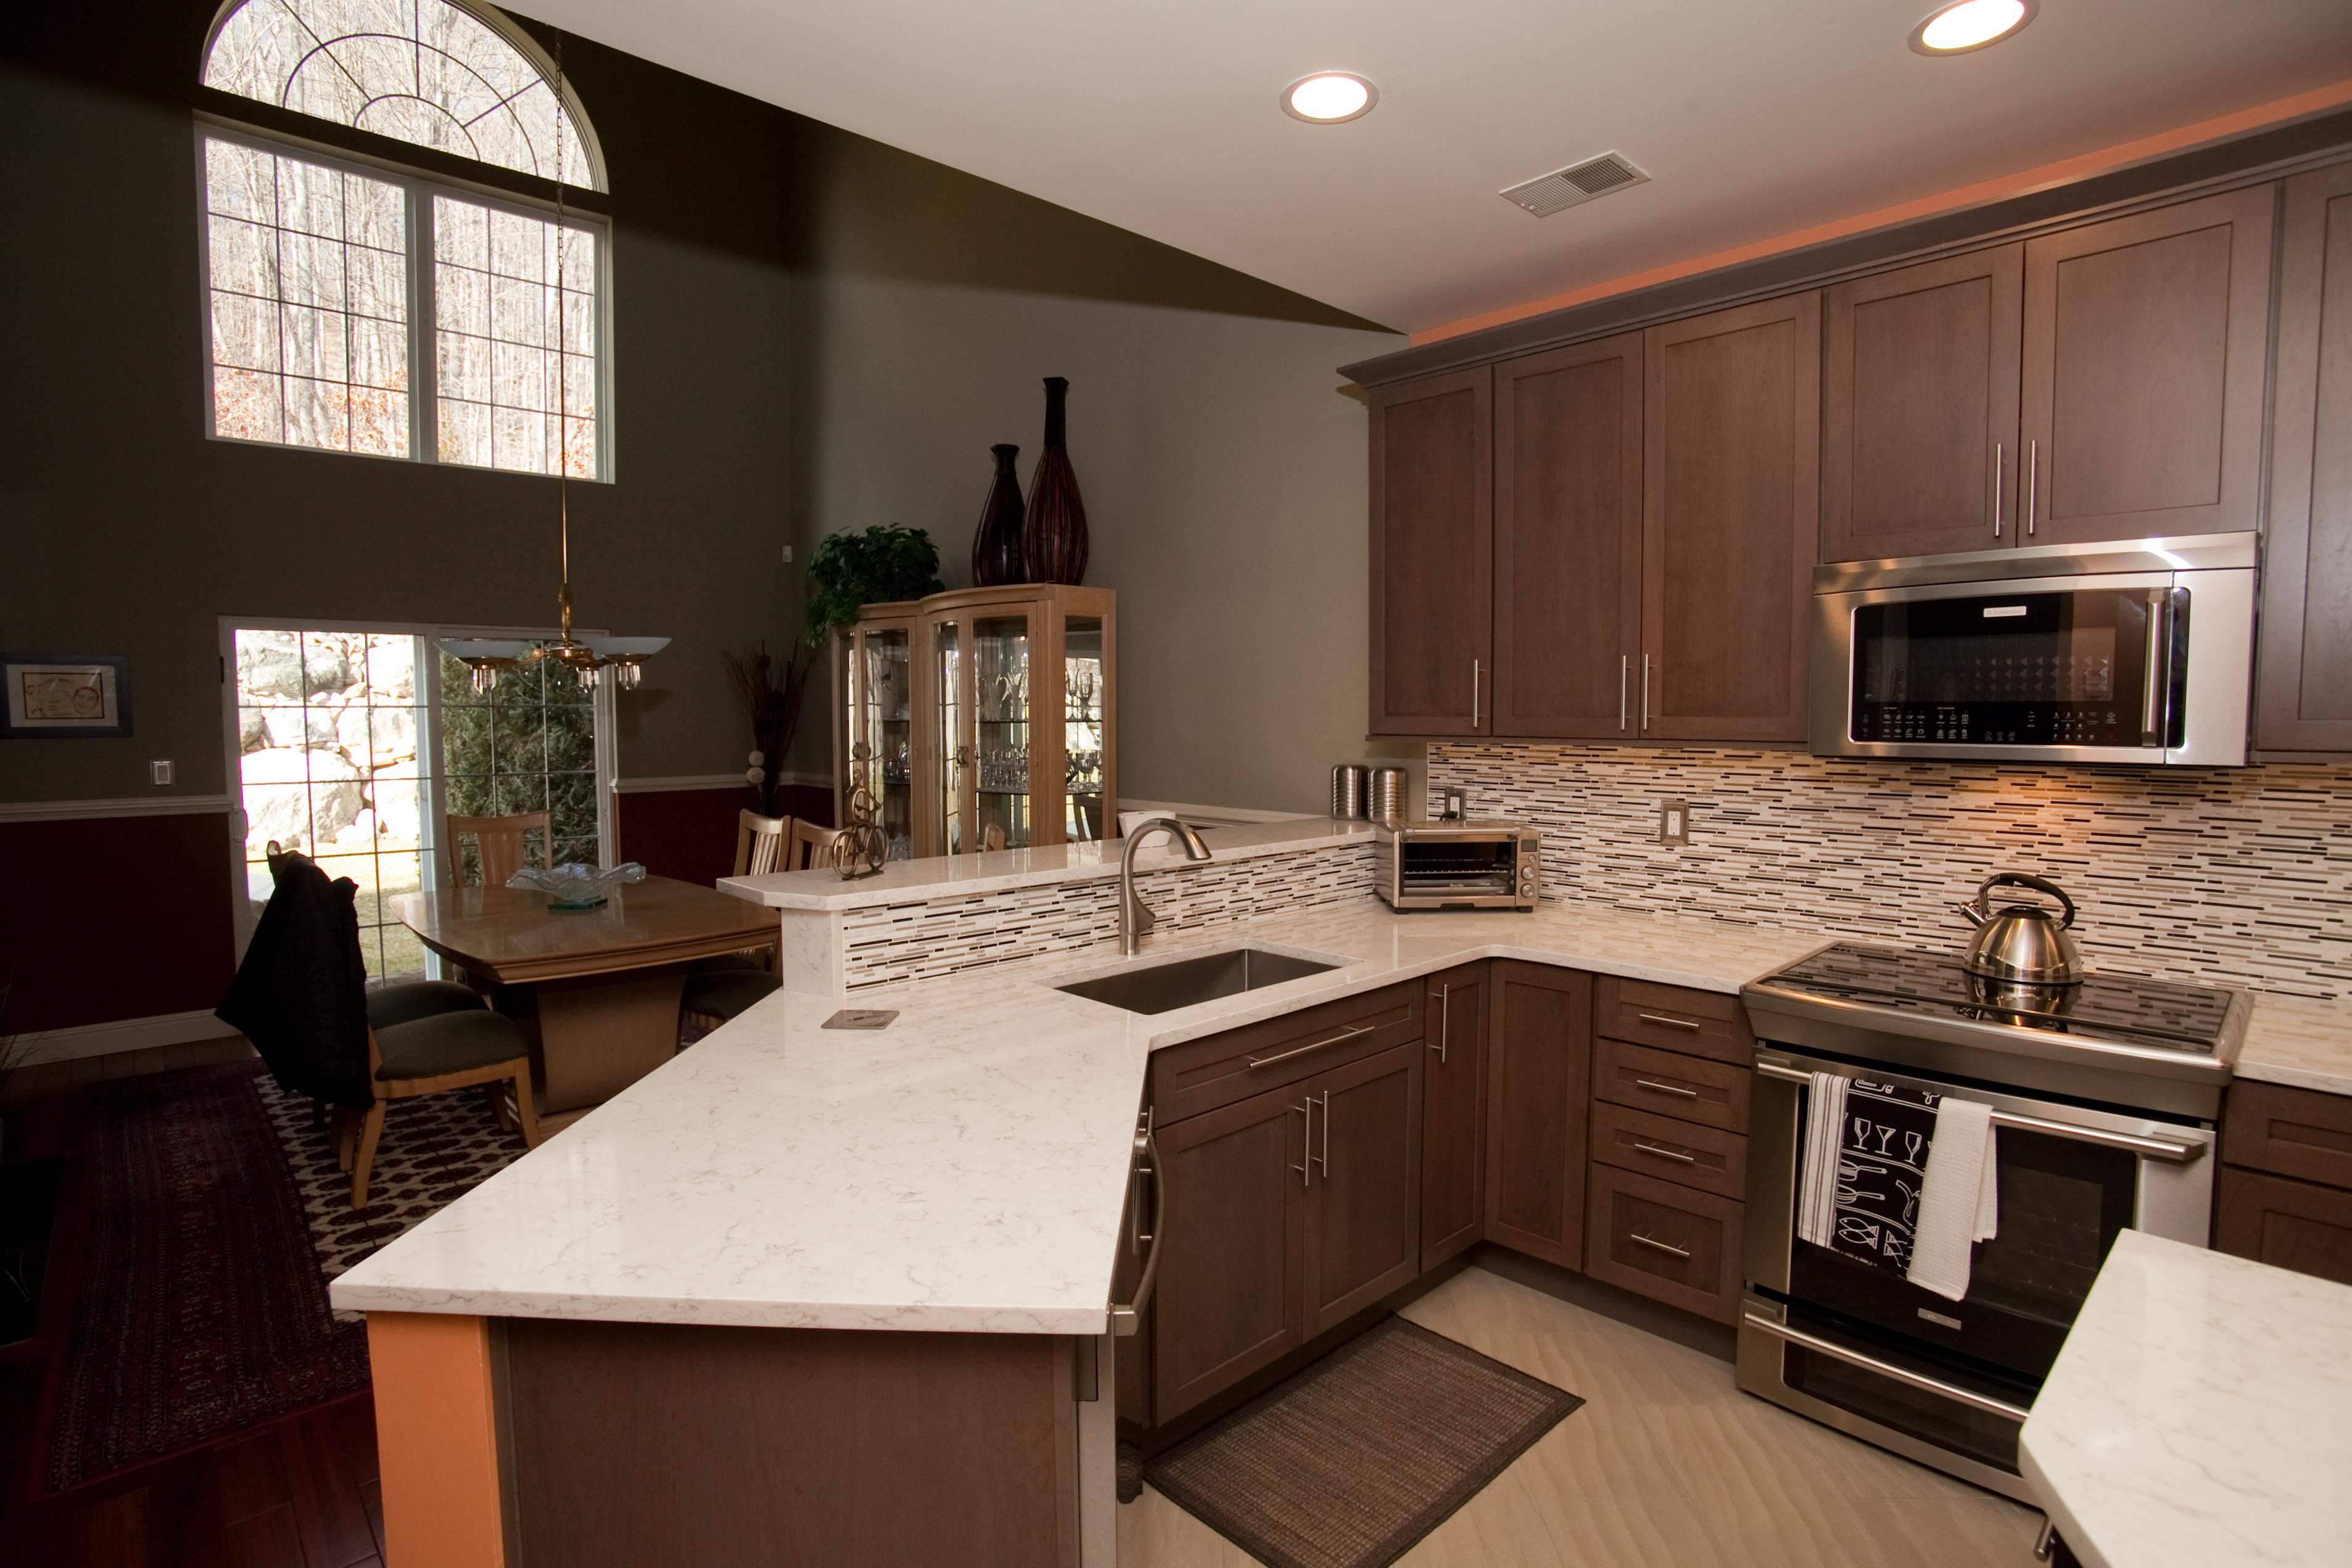 Kitchen remodel in Tuxedo, NY